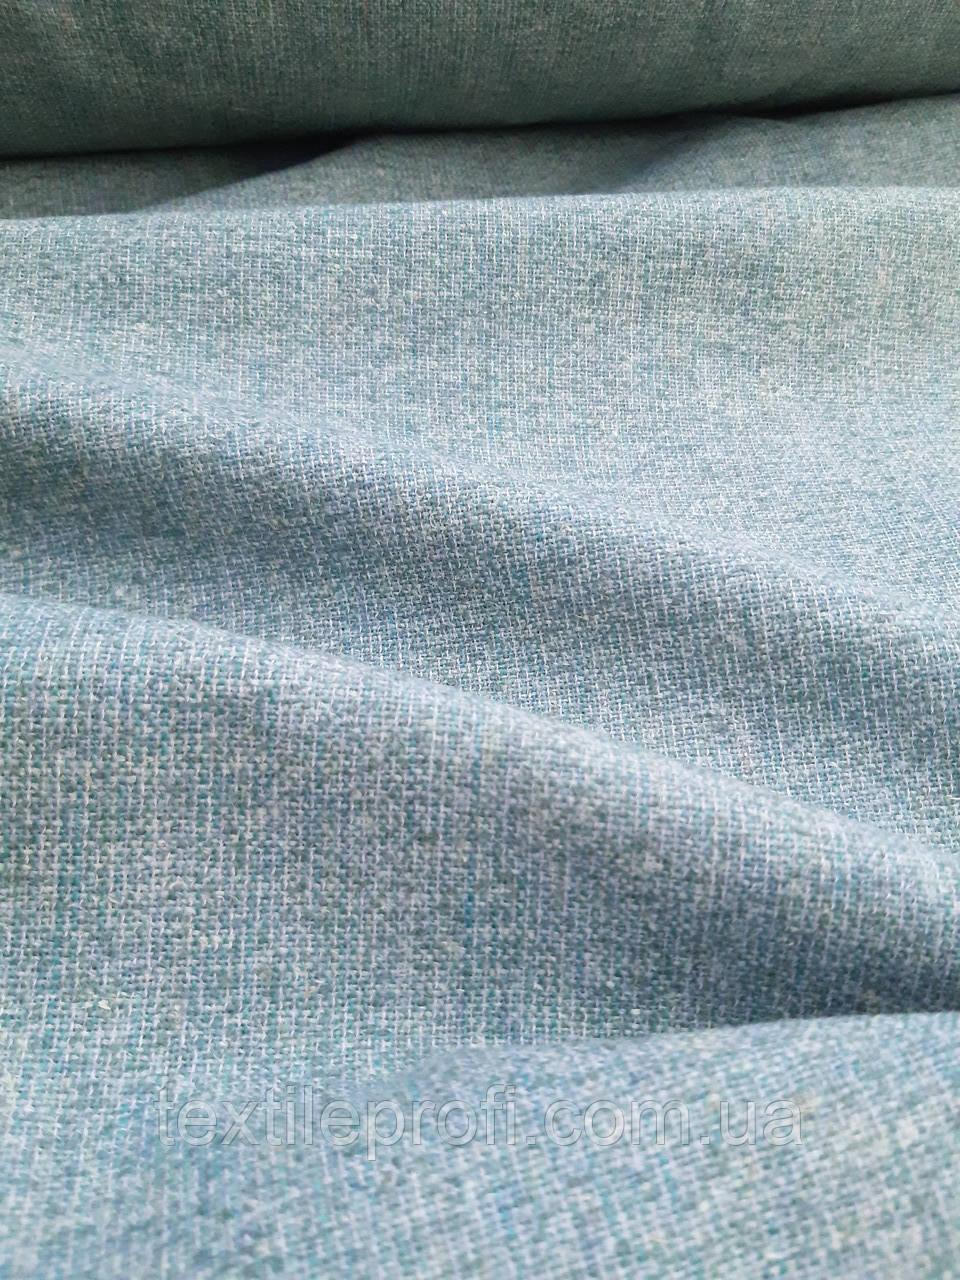 Шерсть с вложением шелка и меланжевым эффектом, фото 1